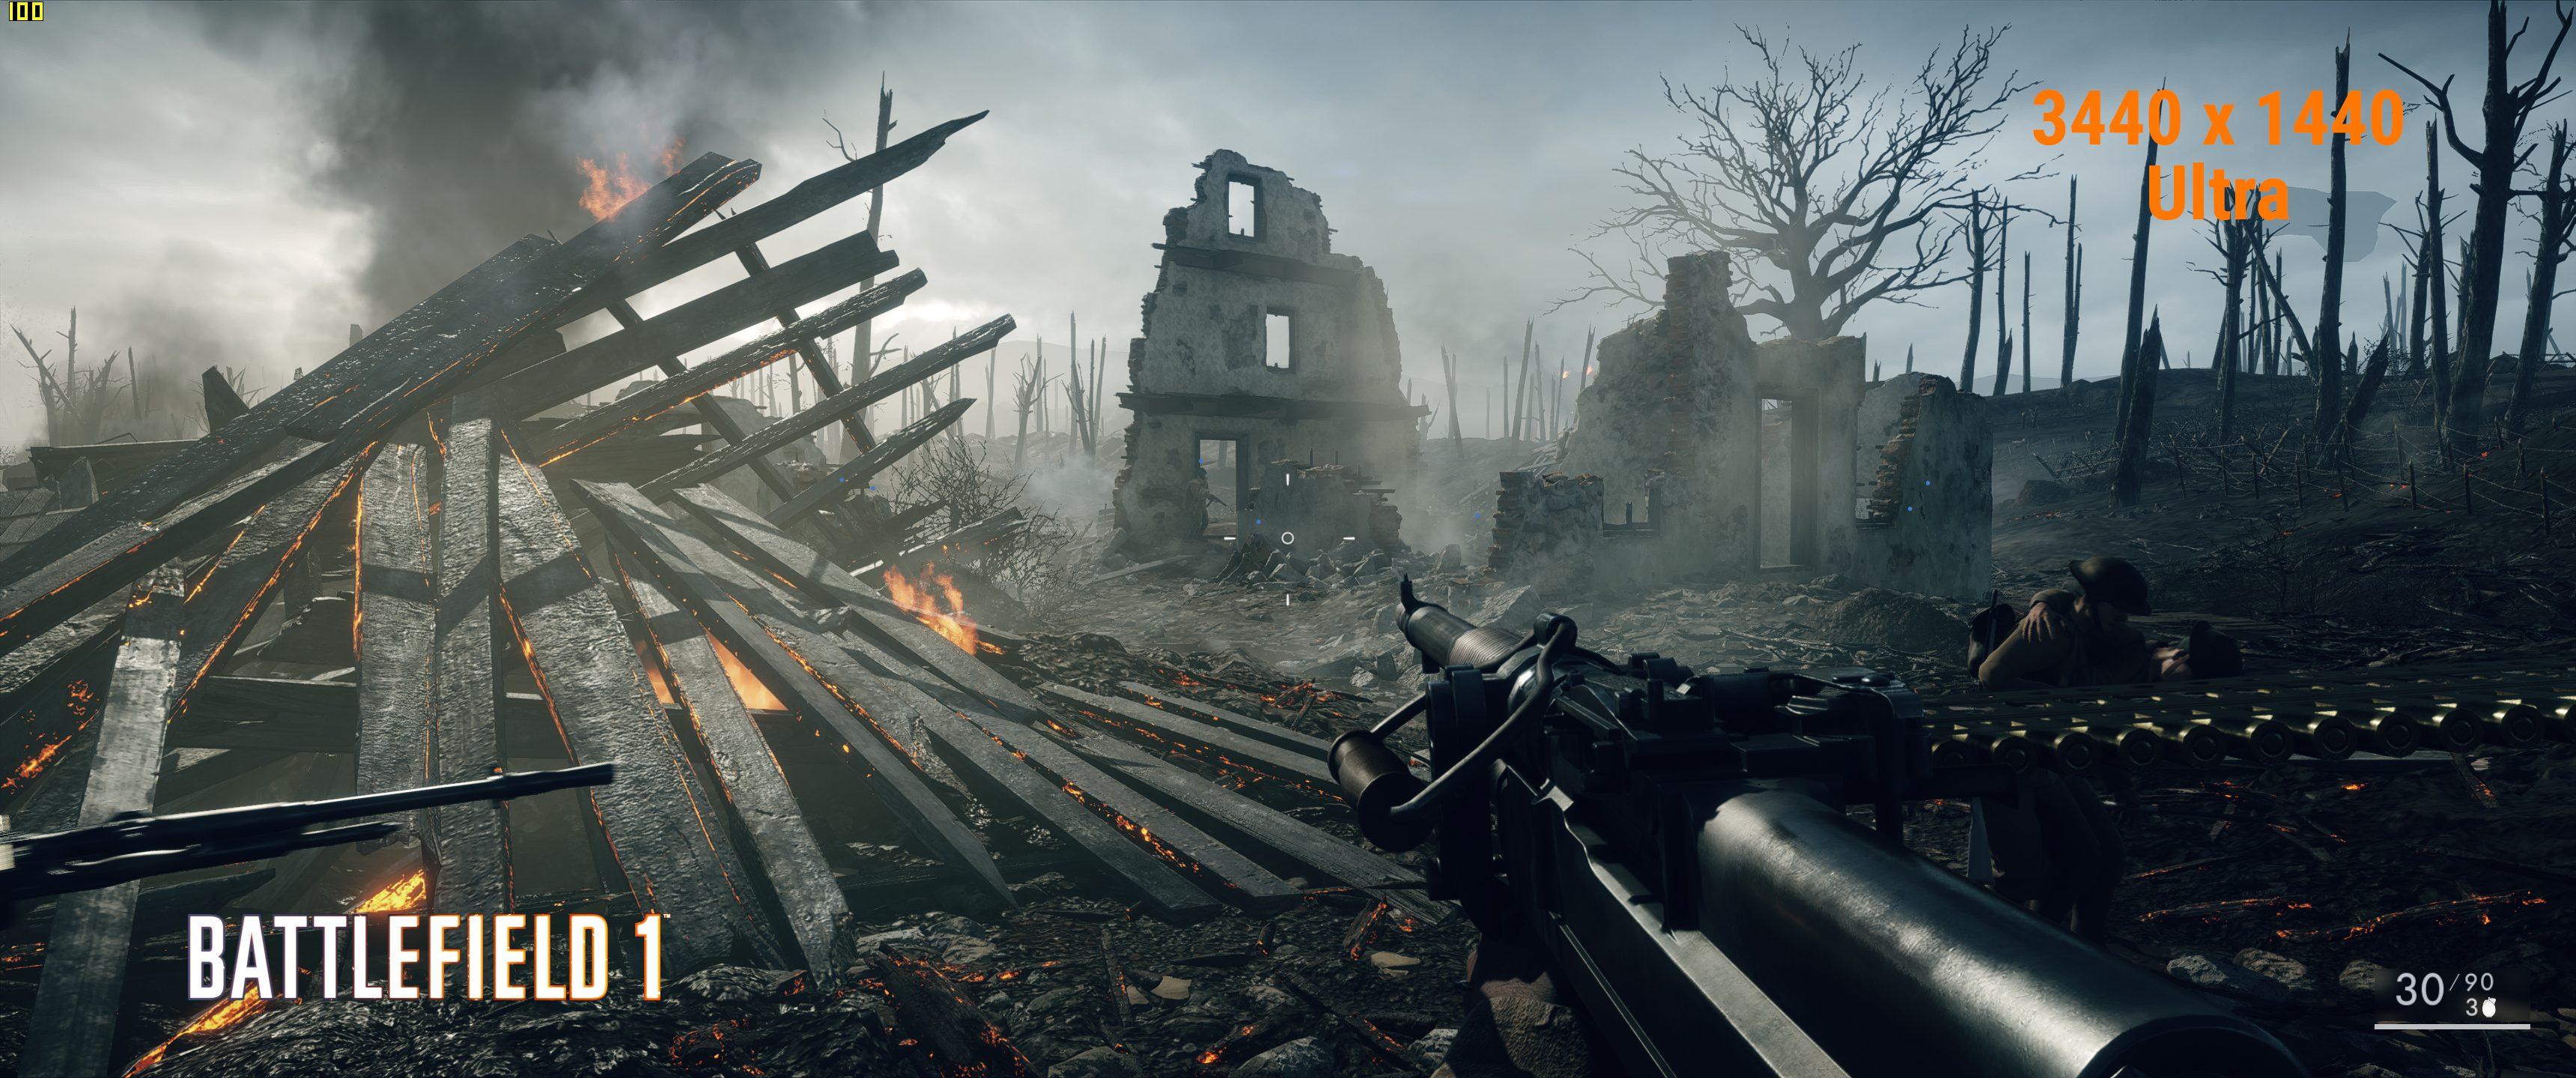 Game-2-3440-Battlefield1